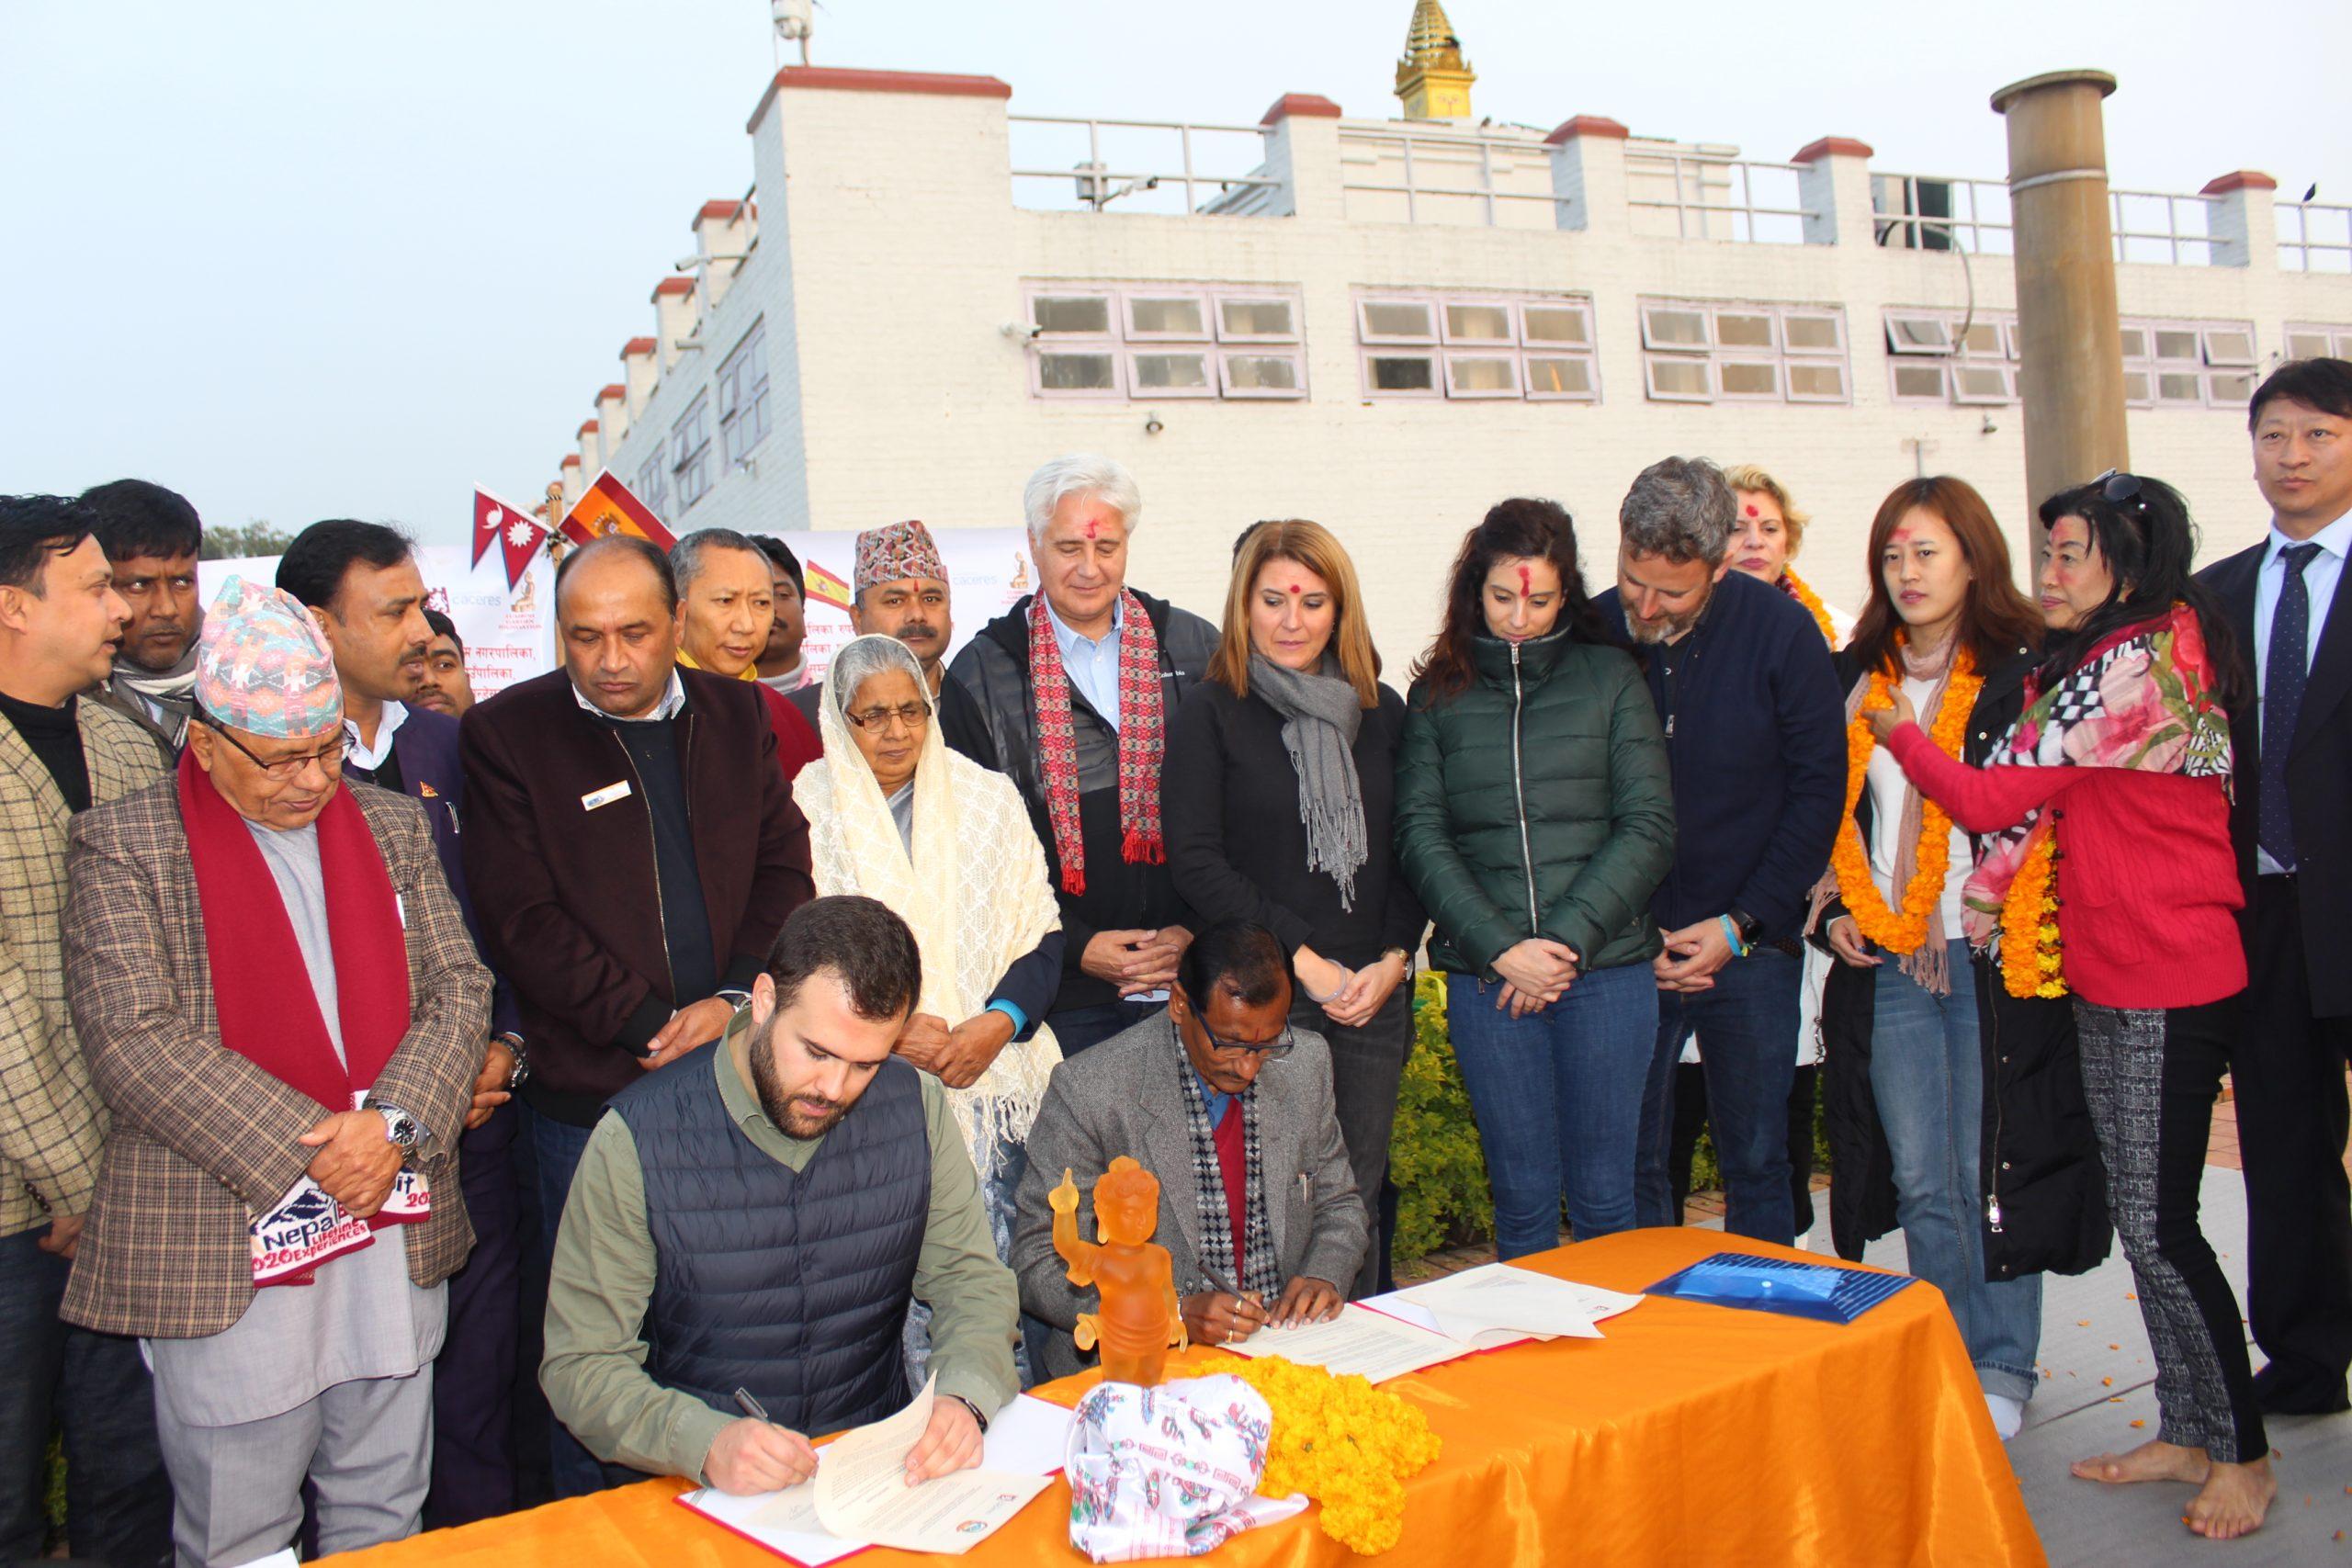 लुम्बिनी र स्पेनको काथेरेस नगरबिच भगिनी सम्बन्ध बिस्तार